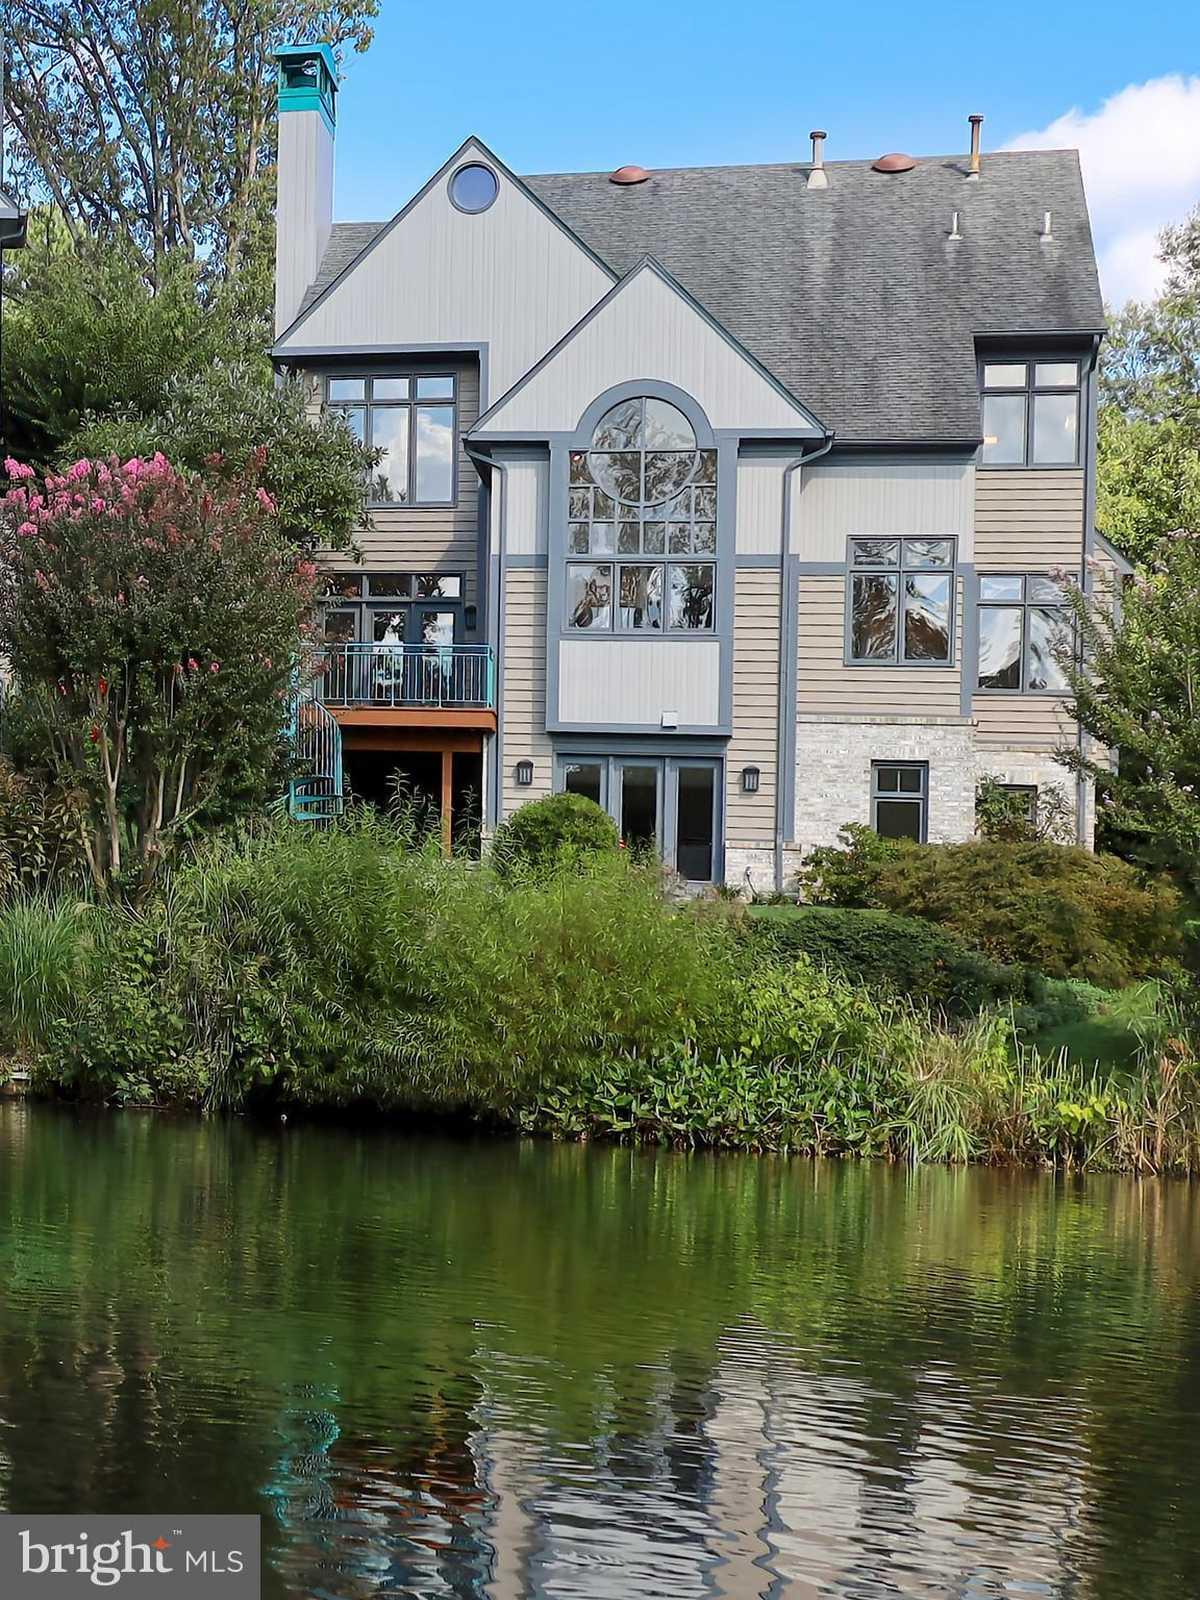 $1,495,000 - 4Br/4Ba -  for Sale in Reston, Reston